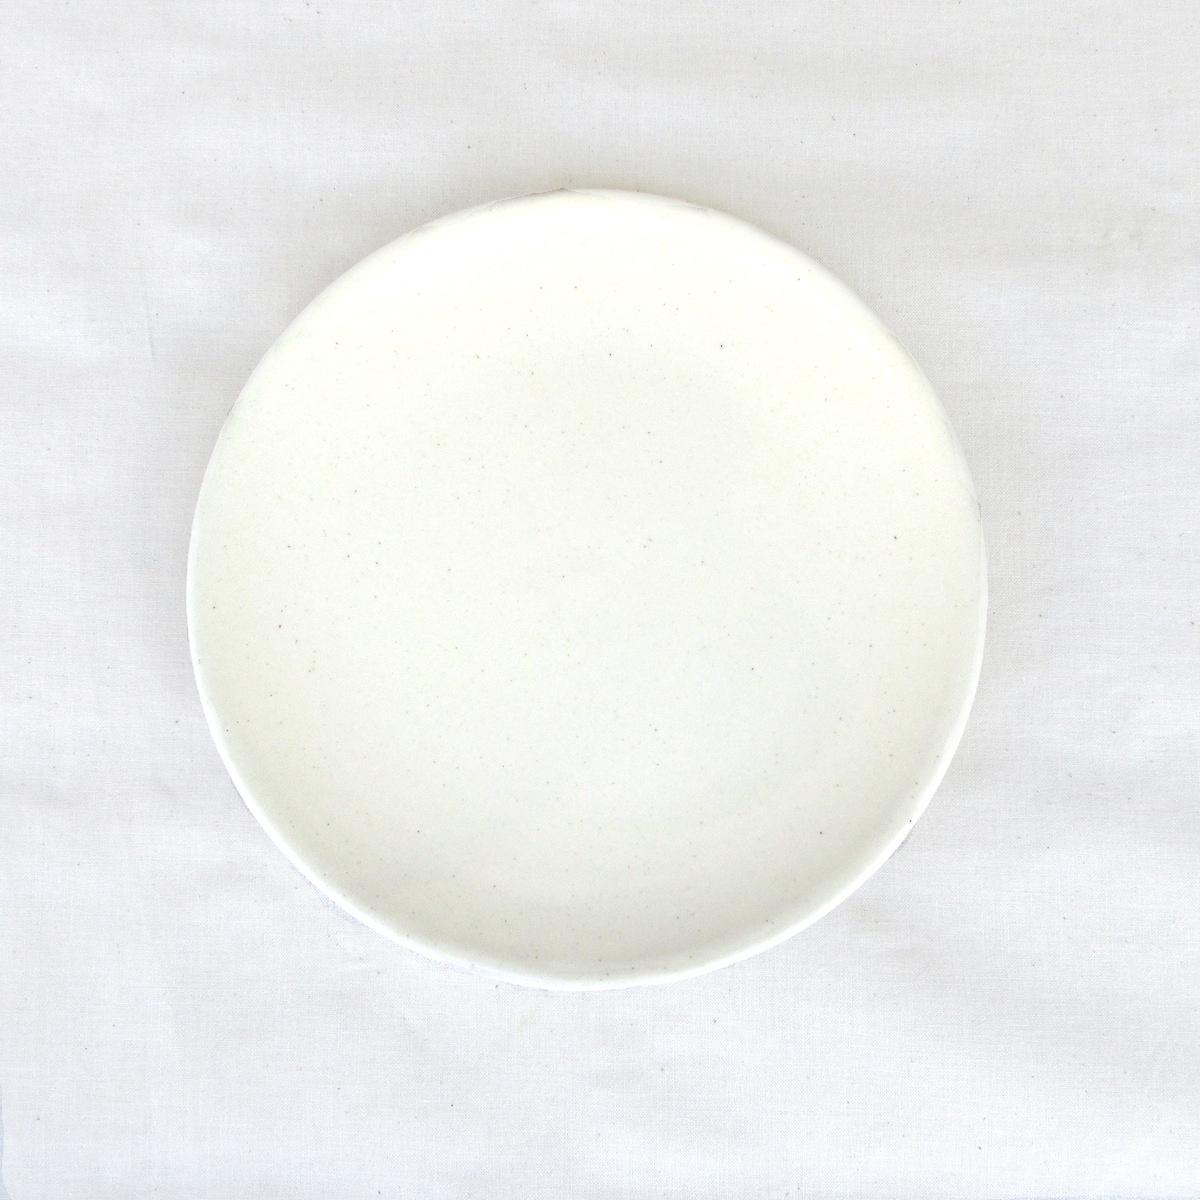 オリジナル 中皿 低廉 陶器 和食器 恵比寿に実店舗あります スカーレット 信楽焼 shiro 皿 18cm 日本製 プレート HARVEST